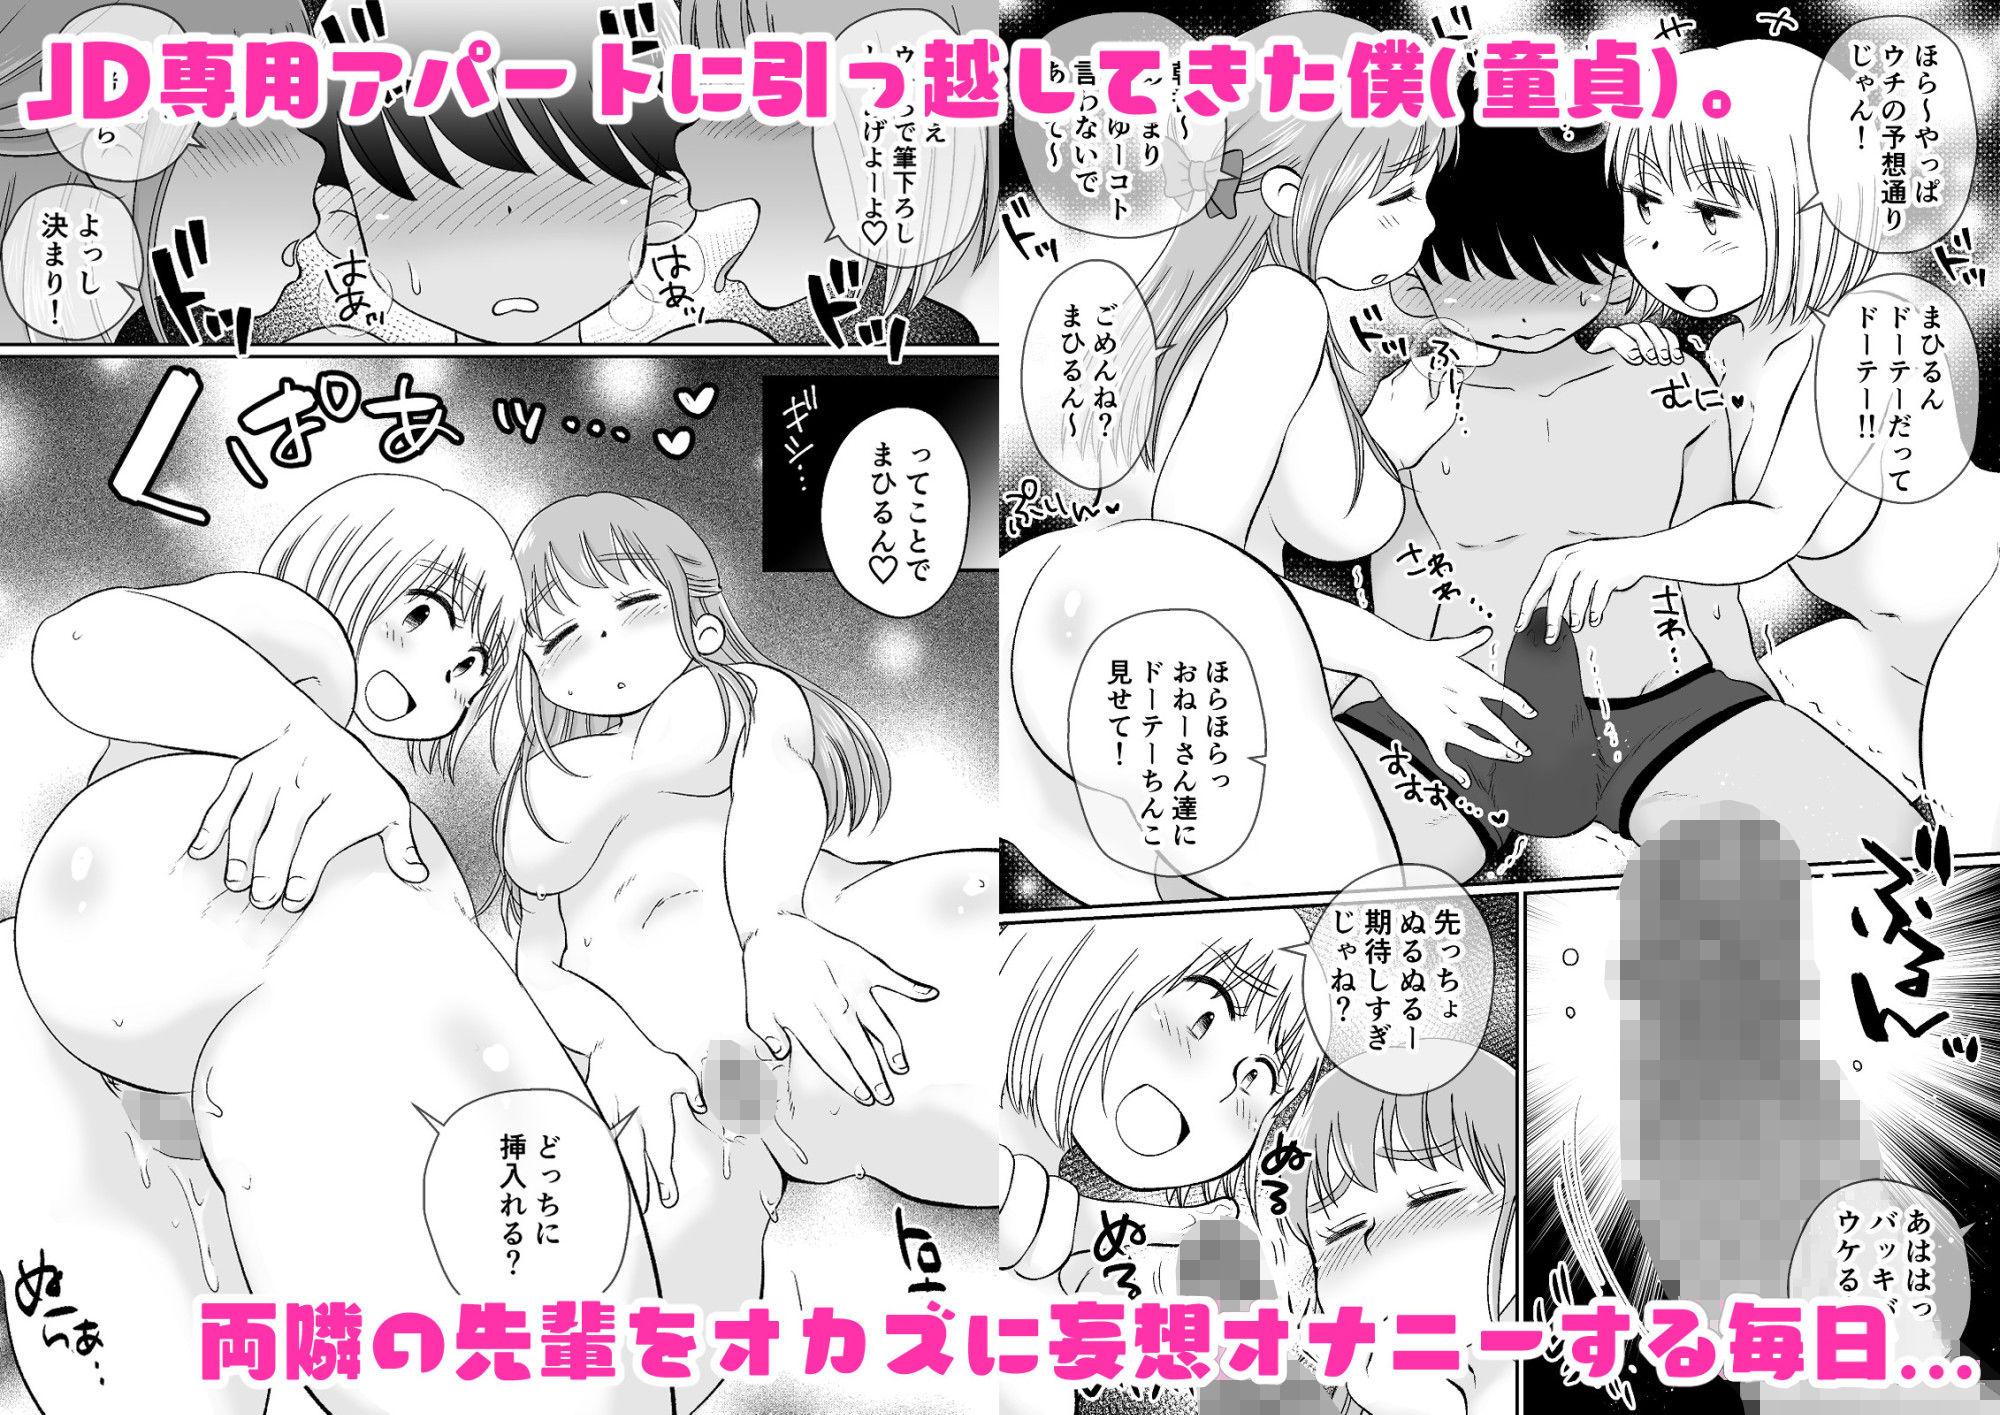 ハーレム・乱交_エロ漫画同人誌 本作品のサンプル画像